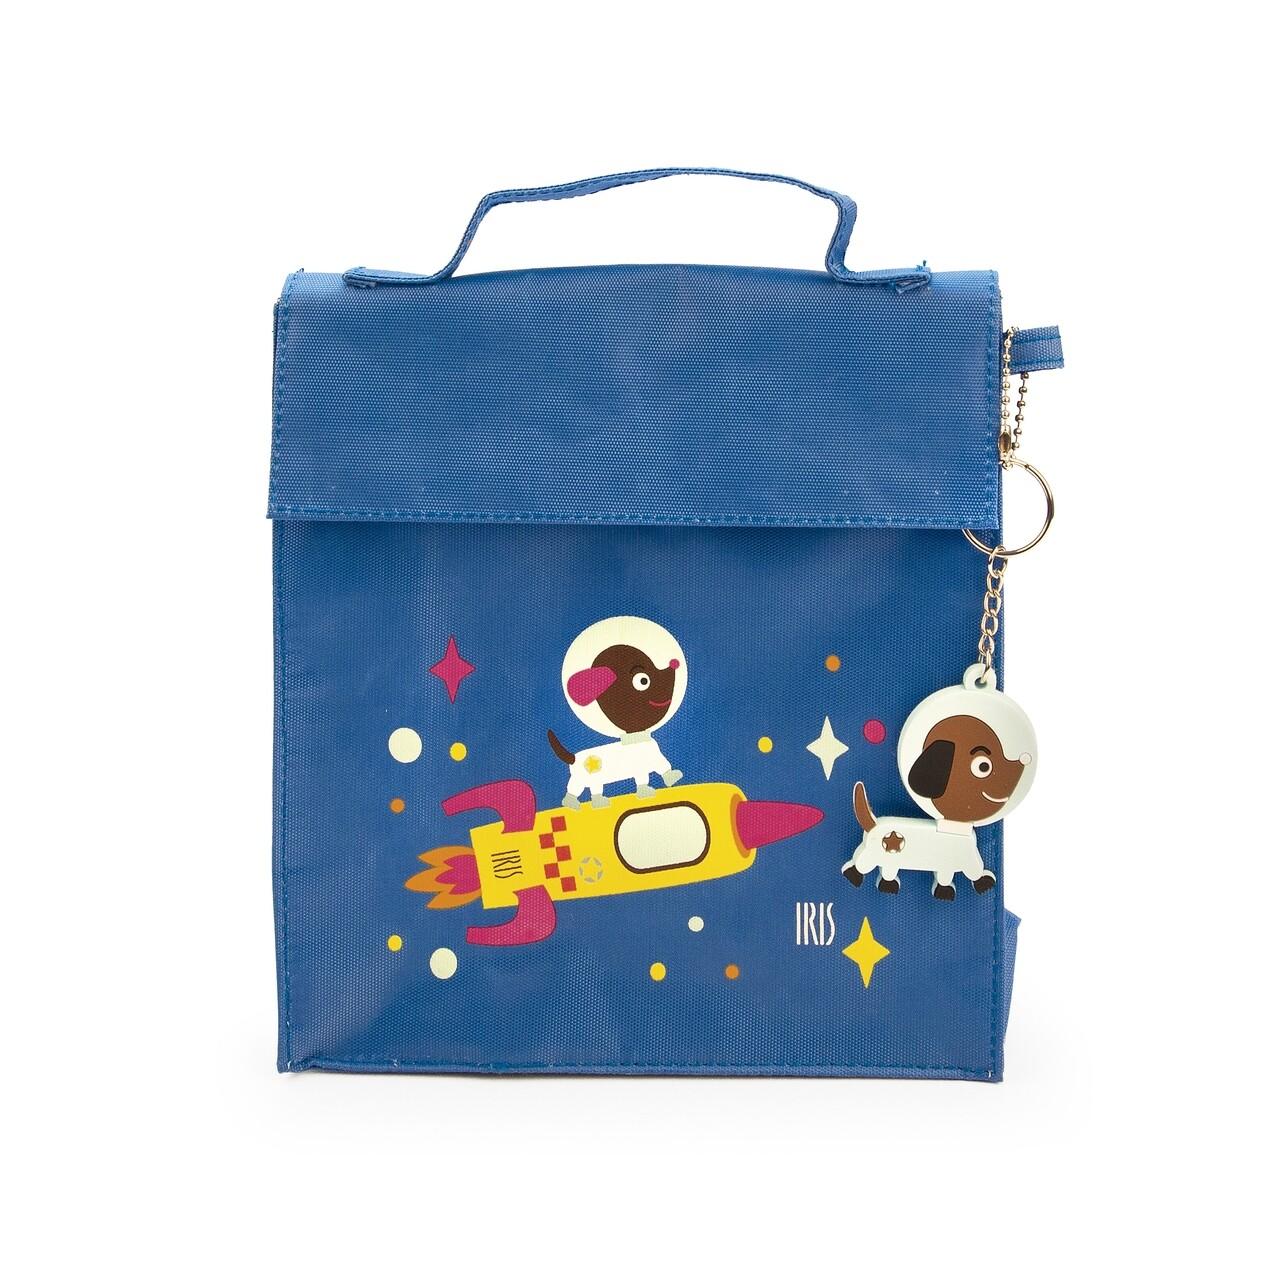 Geanta termoizolanta pentru pranz copii Kinder SnackRico, Iris Barcelona, 18x8x21 cm, poliester, albastru